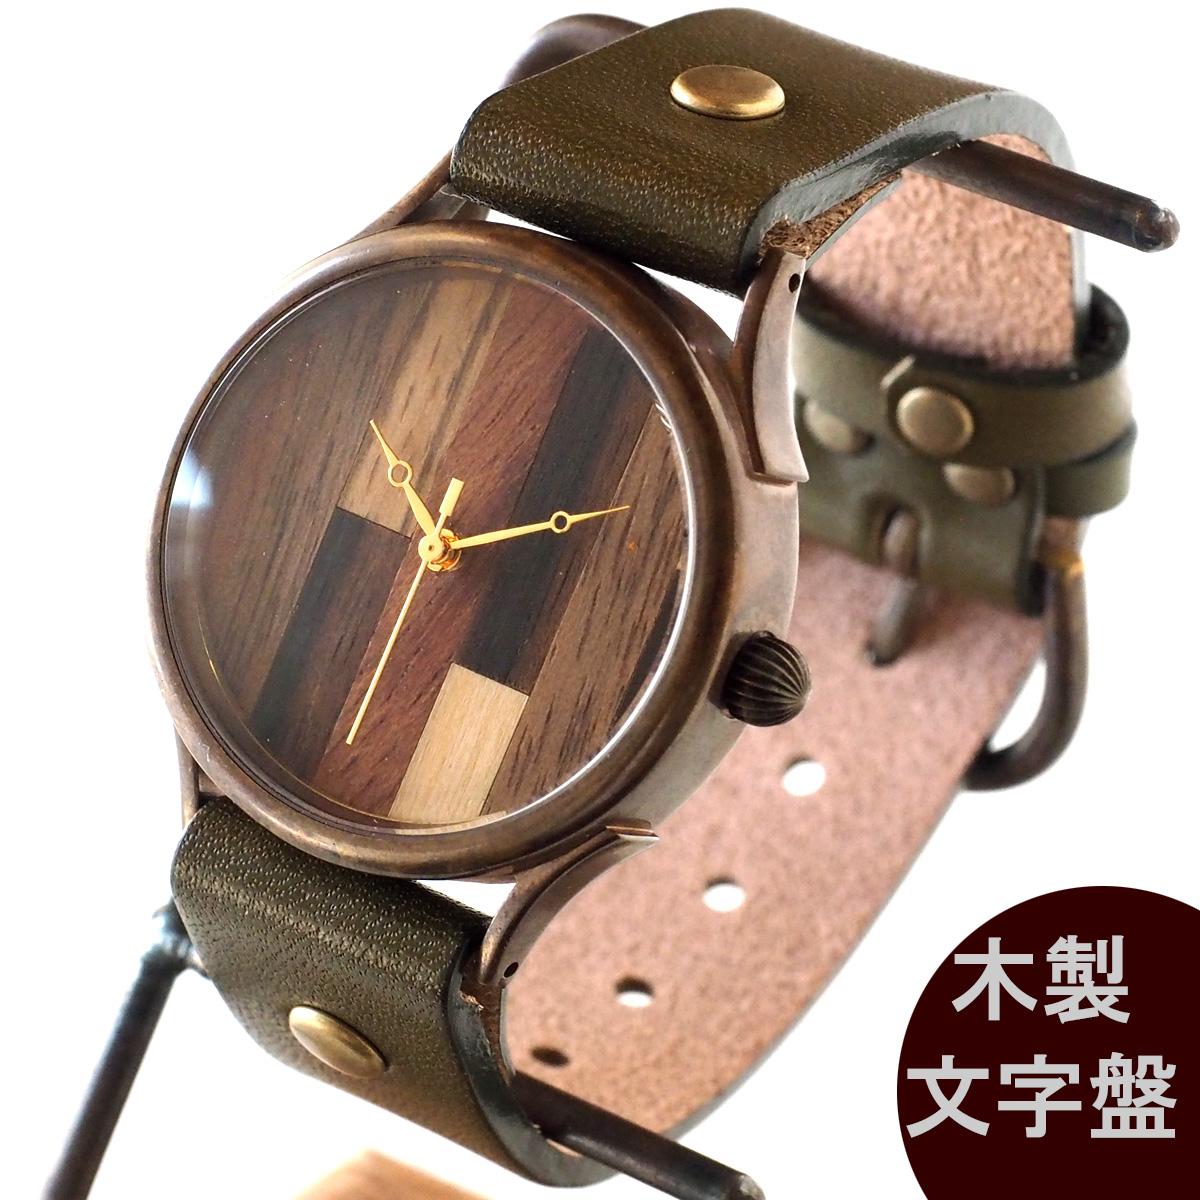 """vie(ヴィー) 手作り腕時計 """"simple wood -シンプルウッド-"""" Lサイズ [WB-082L]"""